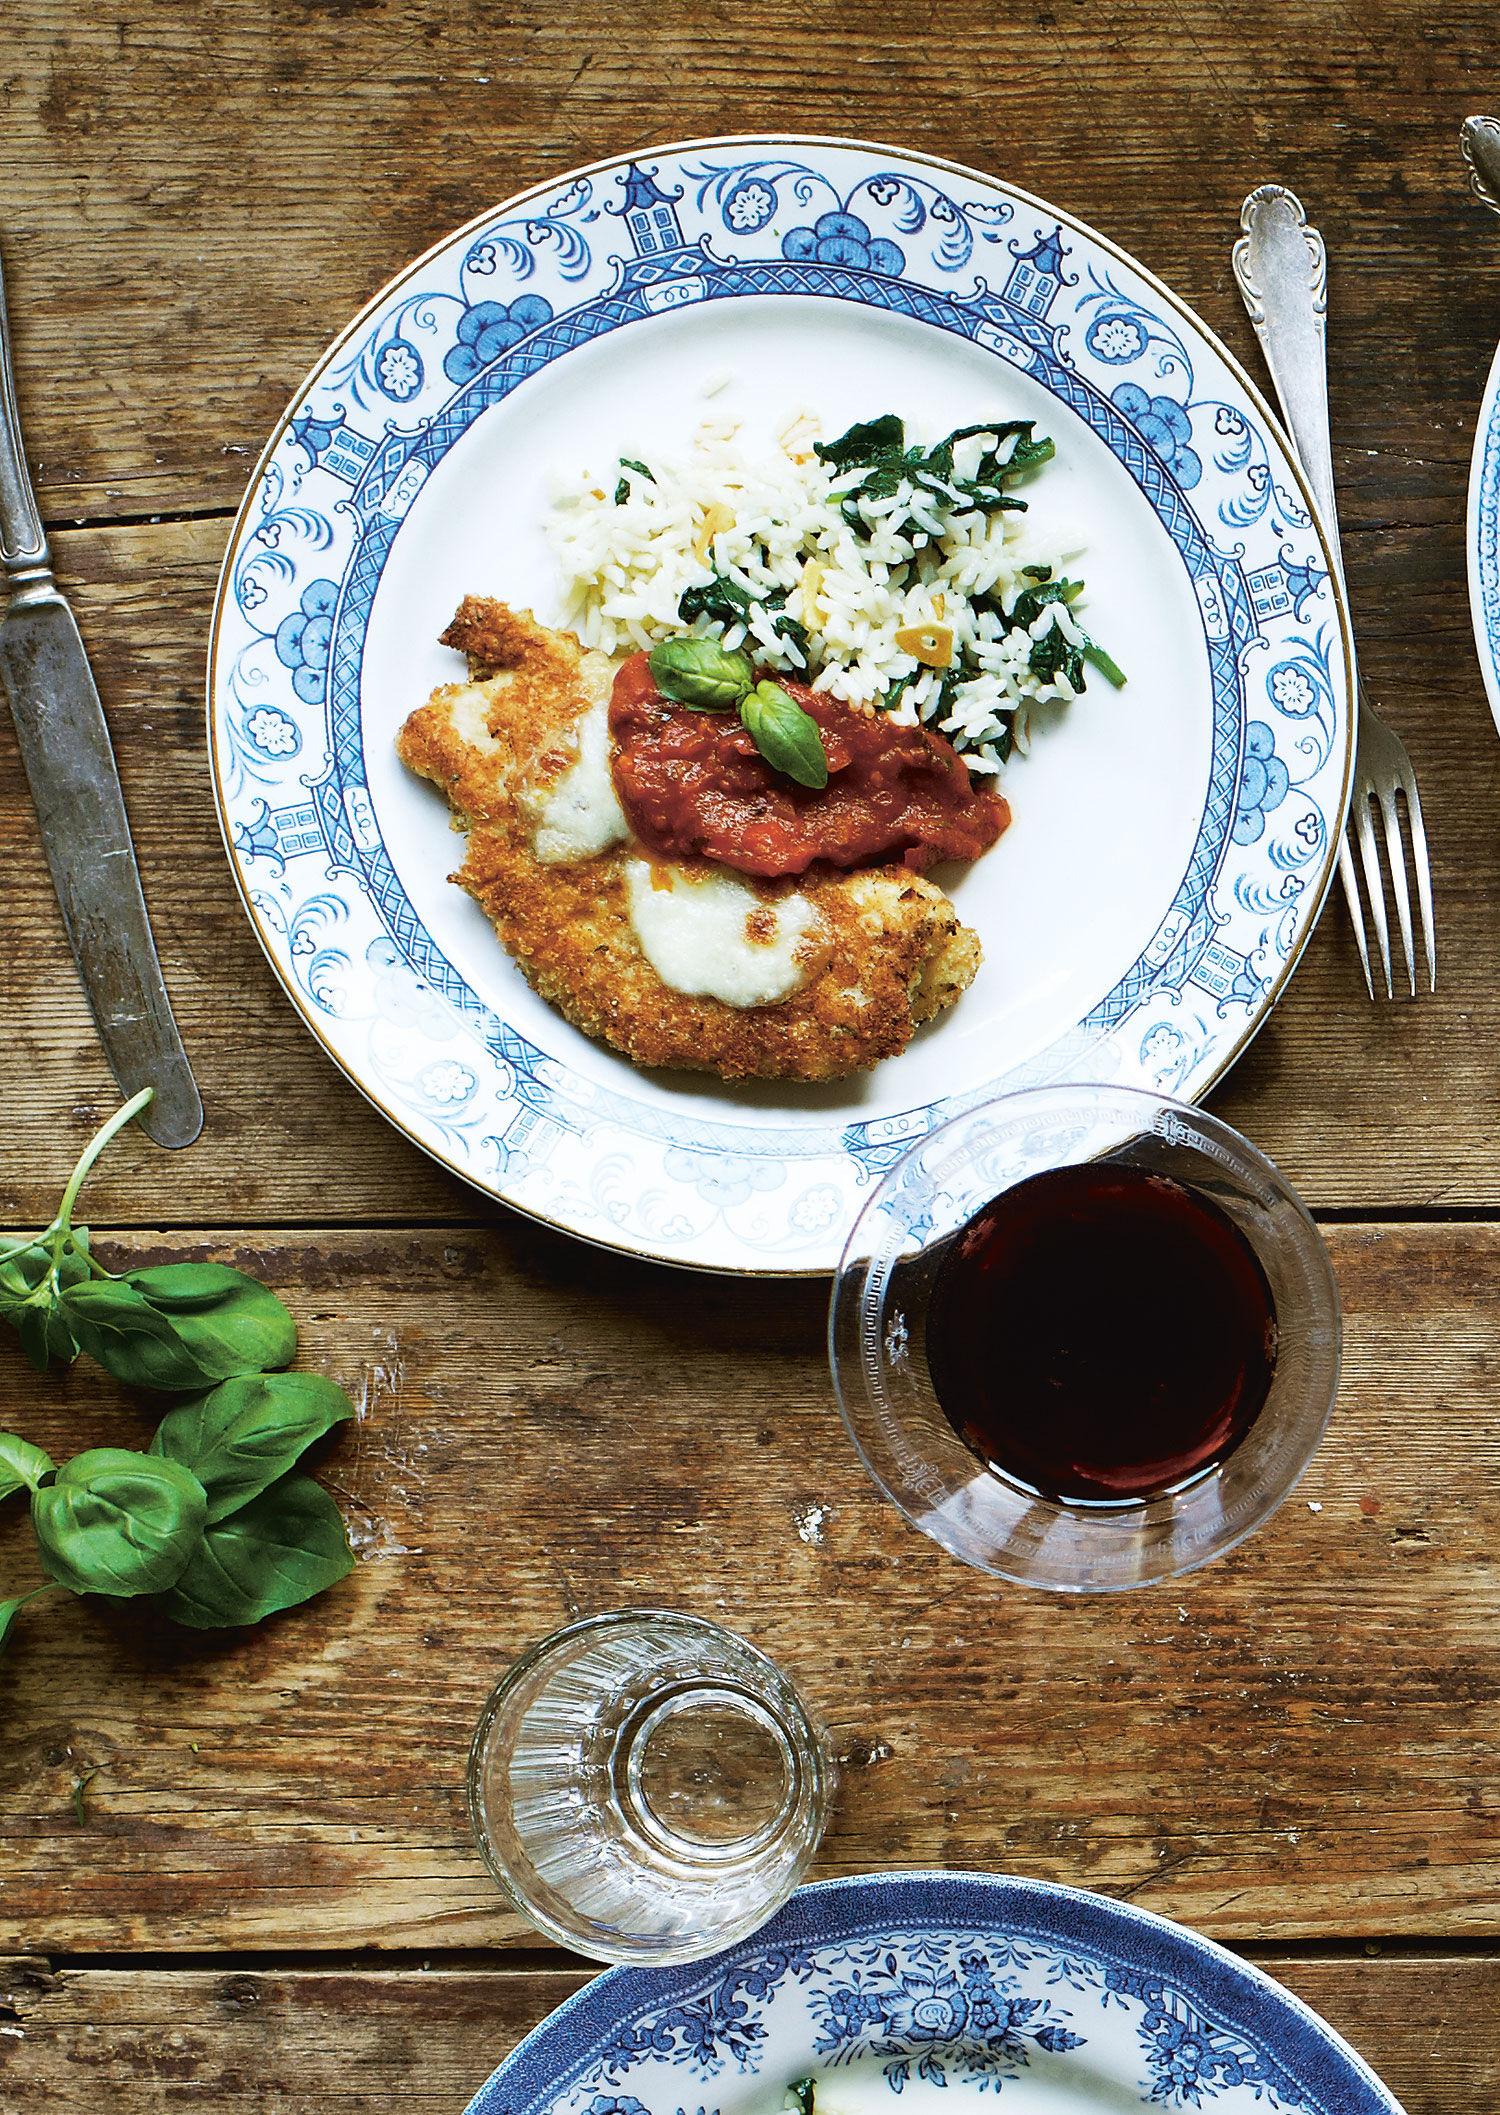 Ett bord med flera personer som äter kyckling parmigiana och dricker rött vin